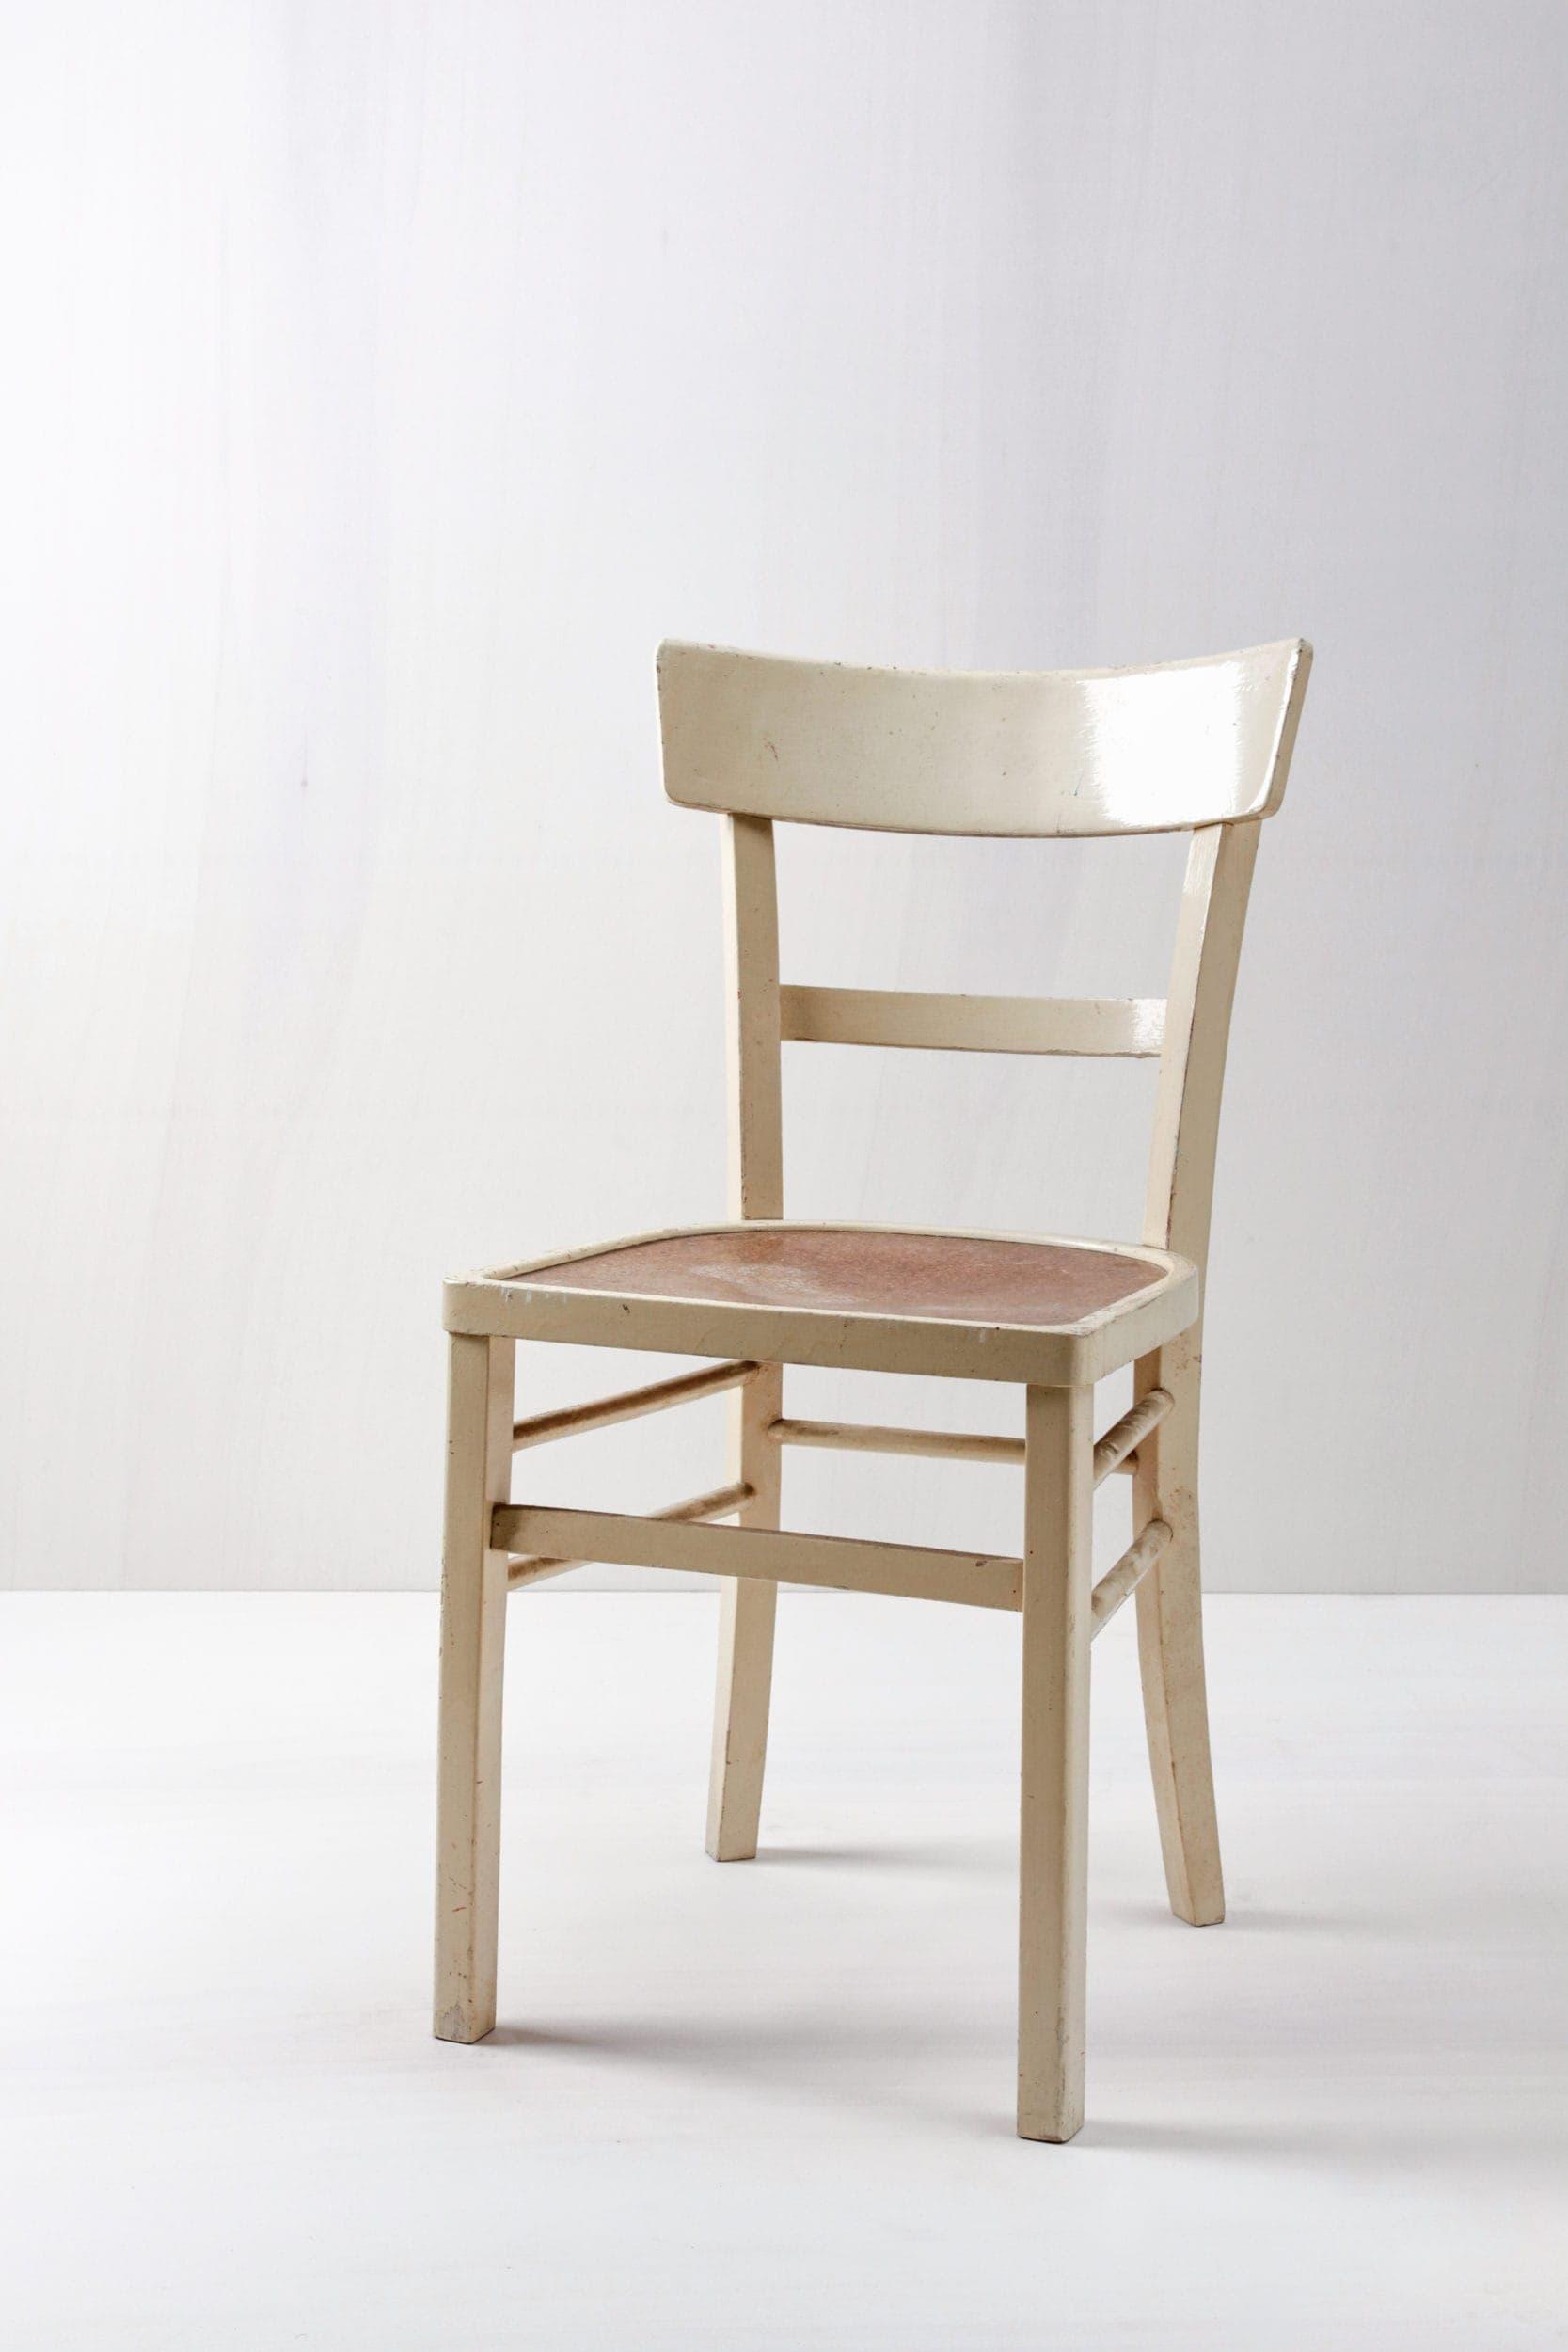 Stühle mieten, Verleih von Stühlen bei gotvintage